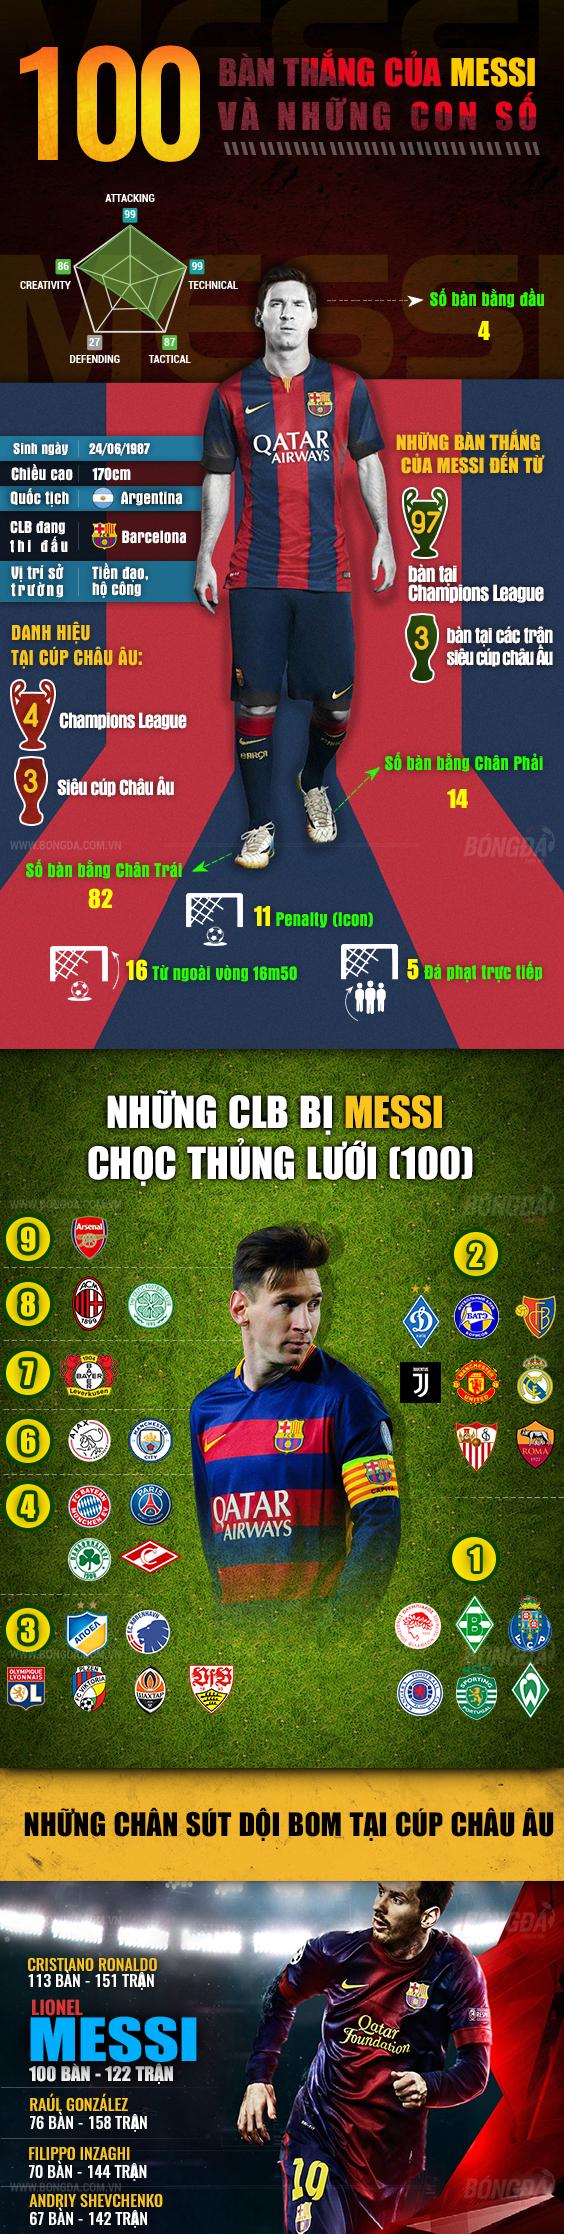 Tổng hợp 100 bàn thắng của Messi và những con số vĩ đại